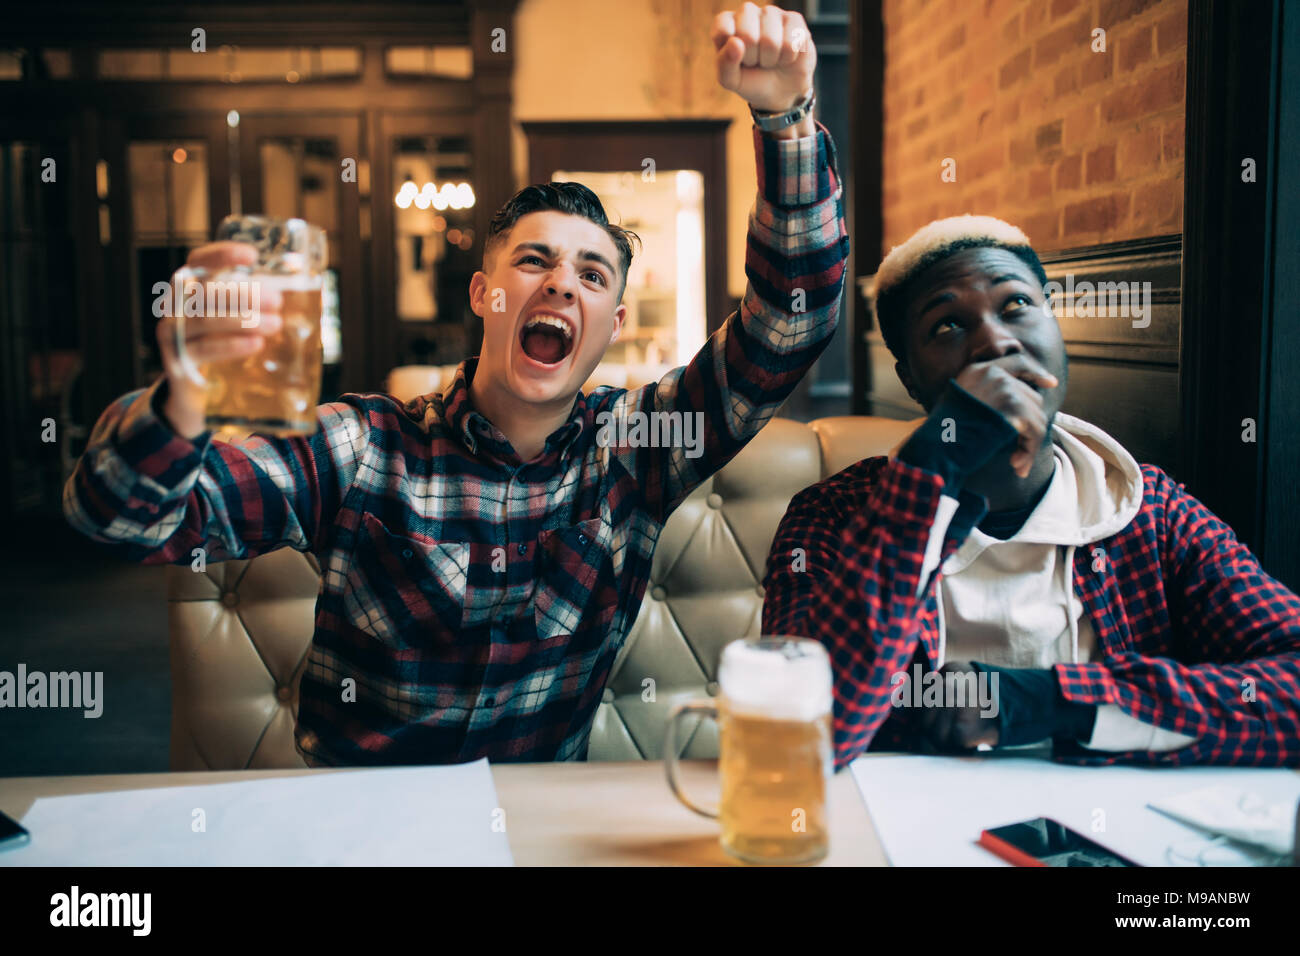 Handsome young man holding sa bière et heureux de crier à l'écran de télévision à regarder le football jeu avec son upset afro-américain les amis à la loc Photo Stock